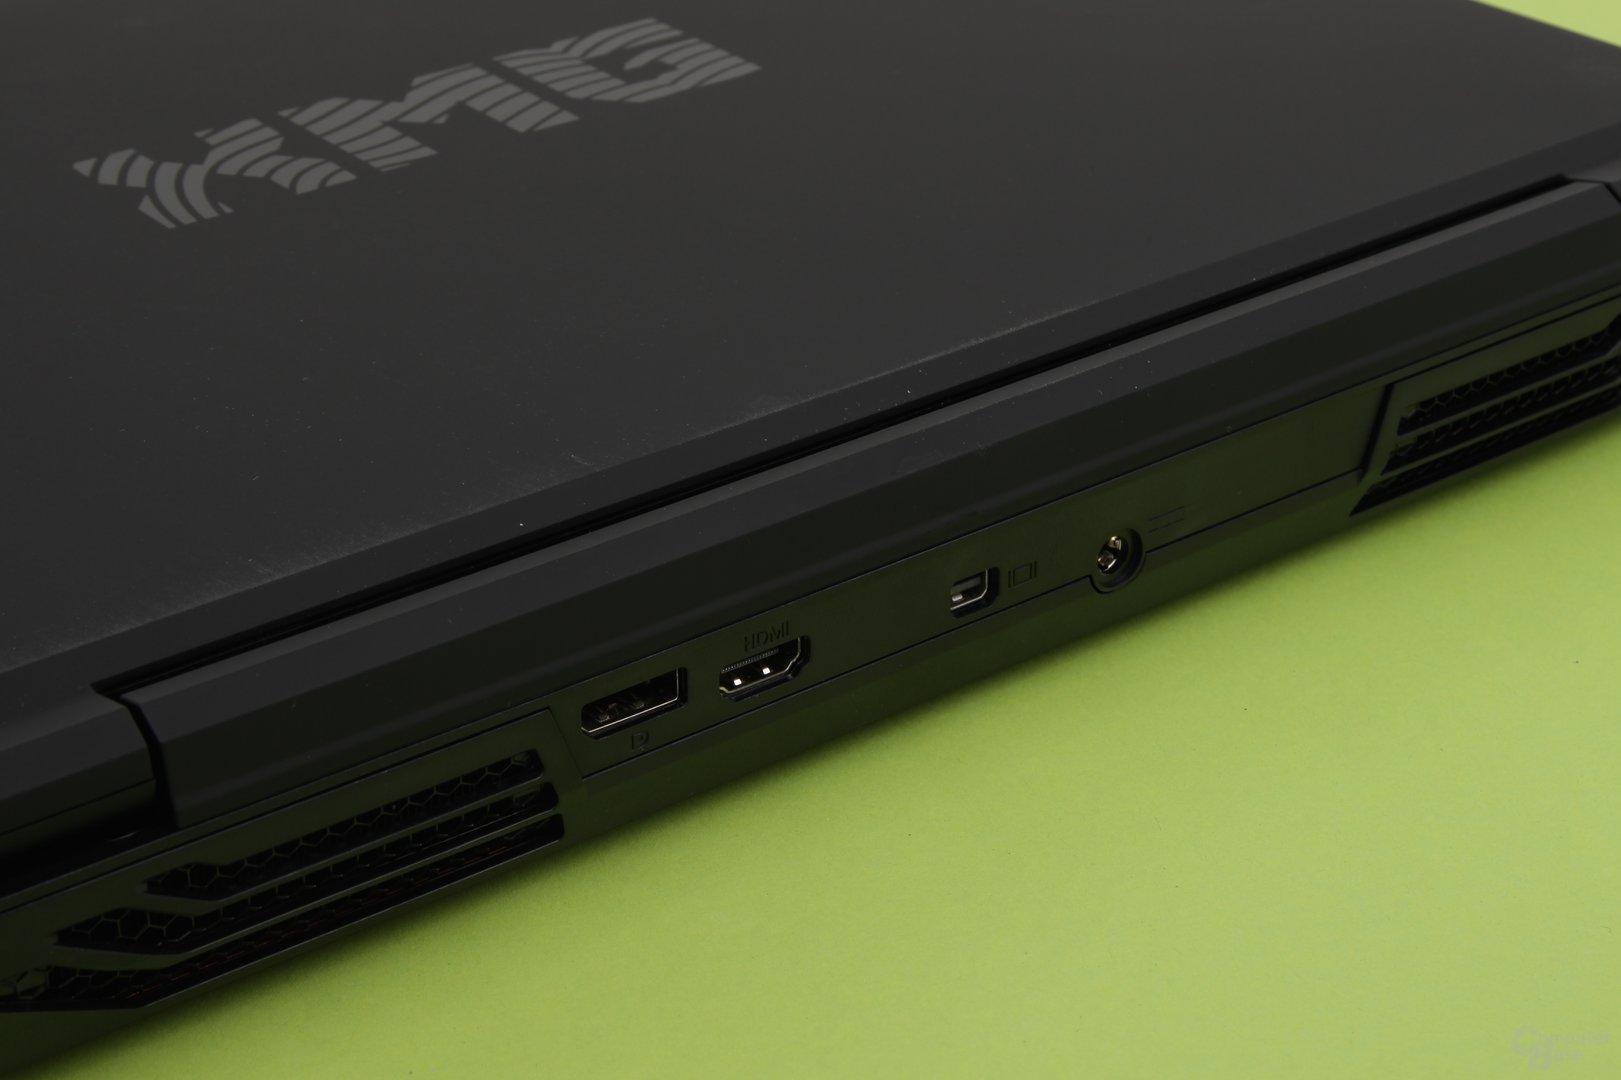 SchSchenker XMG P504 Pro – DisplayPort und HDMIorce GTX 980M